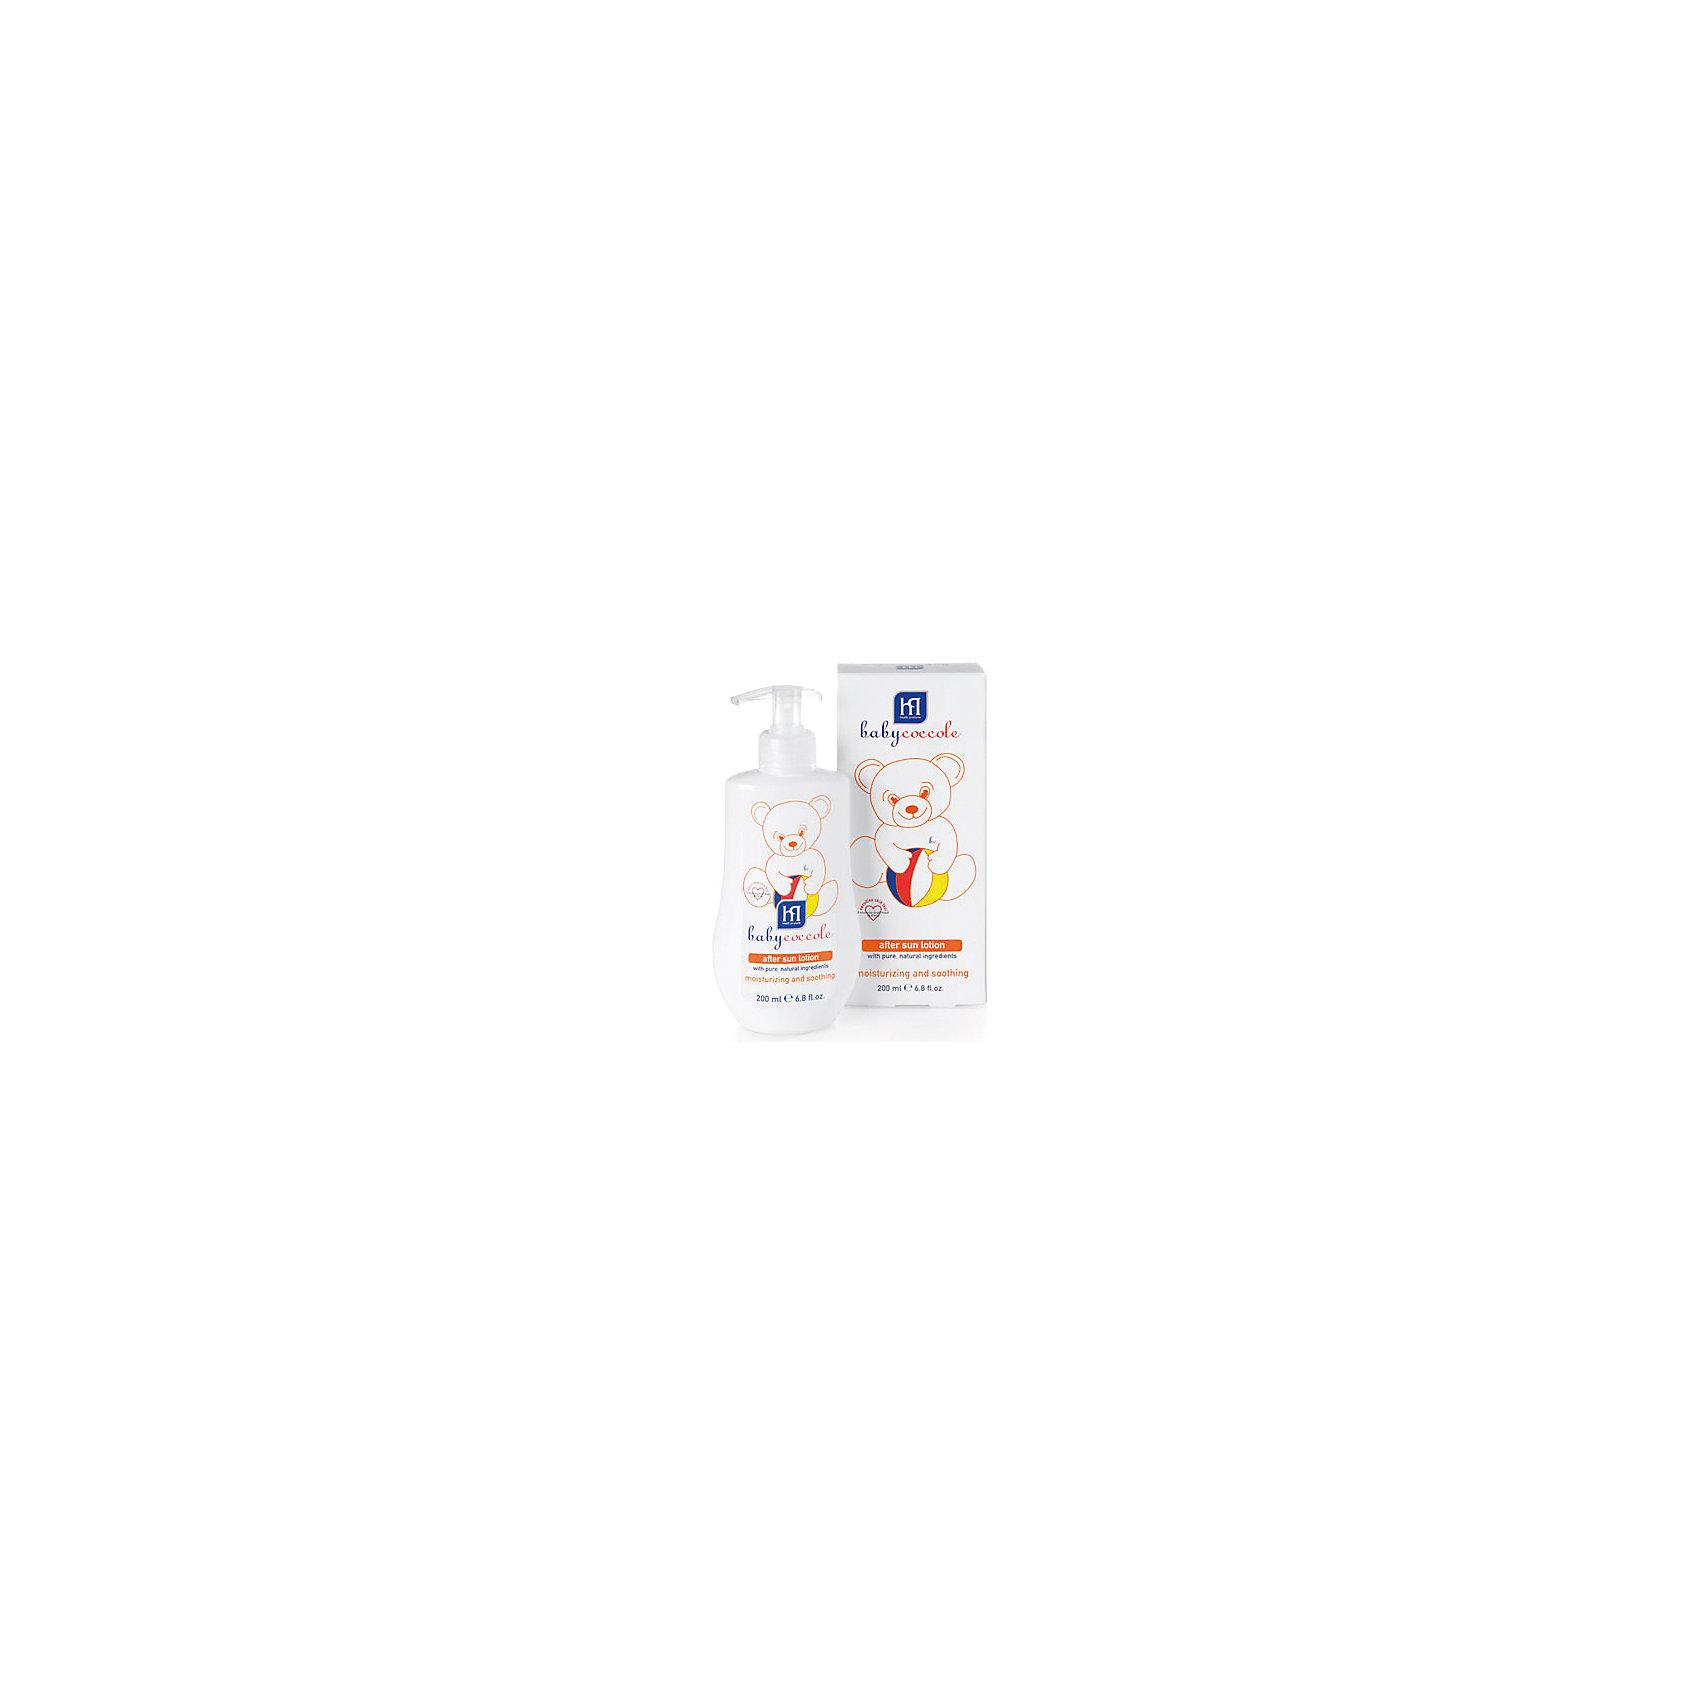 Молочко мягкое после загара 200мл, BabycoccoleМолочко мягкое после загара 200мл, Babycoccole (Бэбикоколле) – для детской кожи, подвергающейся воздействию солнечных лучей. <br>Мягкое молочко после загара с питательным и успокаивающим эффектом нежно заботится о детской коже. Оно увлажняет и смягчает, благодаря чистым натуральным компонентам, таким как бисаболол ромашки и протеины миндаля. Гипоаллергенно, обладает физиологическим уровнем pH. Без парфюмерных добавок, не содержит спирта, без красителей. Babyсoccole (Бэбикоколле) включает все линии косметики, необходимые для ухода за кожей новорожденных. Косметика Babycoccole (Бэбикоколле) – это чистые и натуральные решения, созданные самой природой, потому что они основаны на использовании лучших и наиболее эффективных свойств компонентов растений. Косметика создана в результате глубоких исследований, для ухода за нежной кожей новорожденных и маленьких детей. Разработана и произведена в лаборатории Betafarma, Италия. Клинически протестирована, соответствует Европейской директиве 2003/15/СЕЕ, которая регулирует вопрос о недопустимости в содержании аллергических веществ. Для косметических средств характерен легкий мягкий запах мускуса с цитрусовой ноткой, который так подходит и нравится детям.<br><br>Дополнительная информация:<br><br>- Объем: 200 мл.<br>- Специально разработано для детей с самого рождения<br>- Не содержит потенциально агрессивных ПАВ, таких как лаурилсульфаты (SLES-SLS)<br>- Максимально снижен риск развития аллергических реакций благодаря оптимально сбалансированному составу, а также использованию испытанных традиционных компонентов растительного происхождения<br>- Используется только экологически чистое сырьё, прошедшее строгий лабораторный контроль<br>- Отсутствие консервантов в синергической (взаимодополняющей) смеси активных ингредиентов гарантирует высокую микробиологическую безопасность продукции<br>- Отсутствуют компоненты животного происхождения, способные вызвать развитие аллергии<br>- Применение: